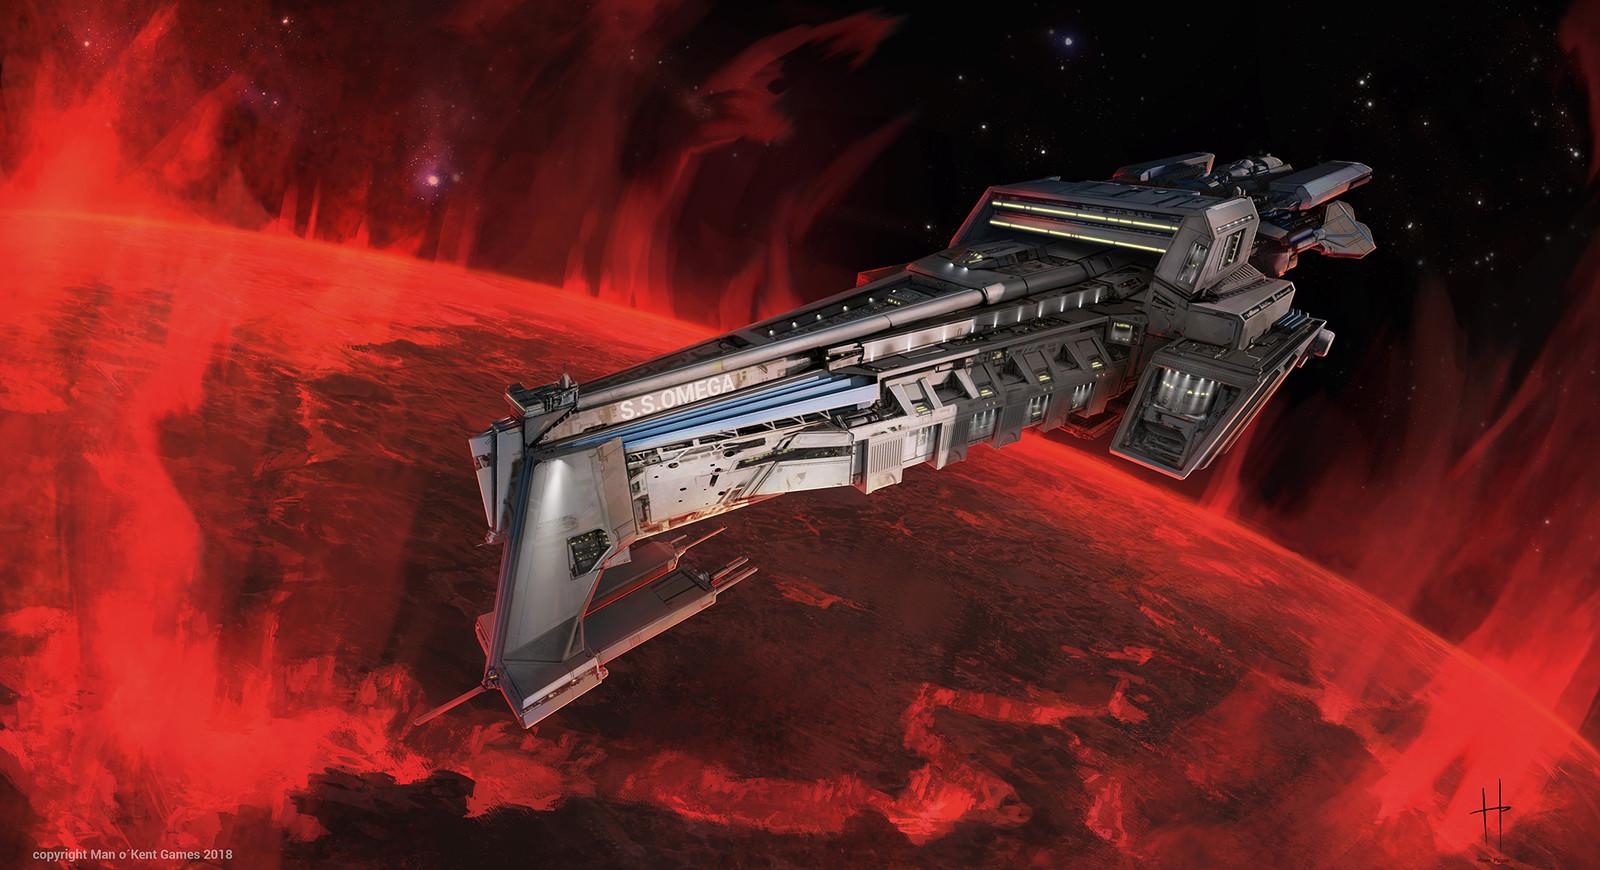 Space Ship Omega